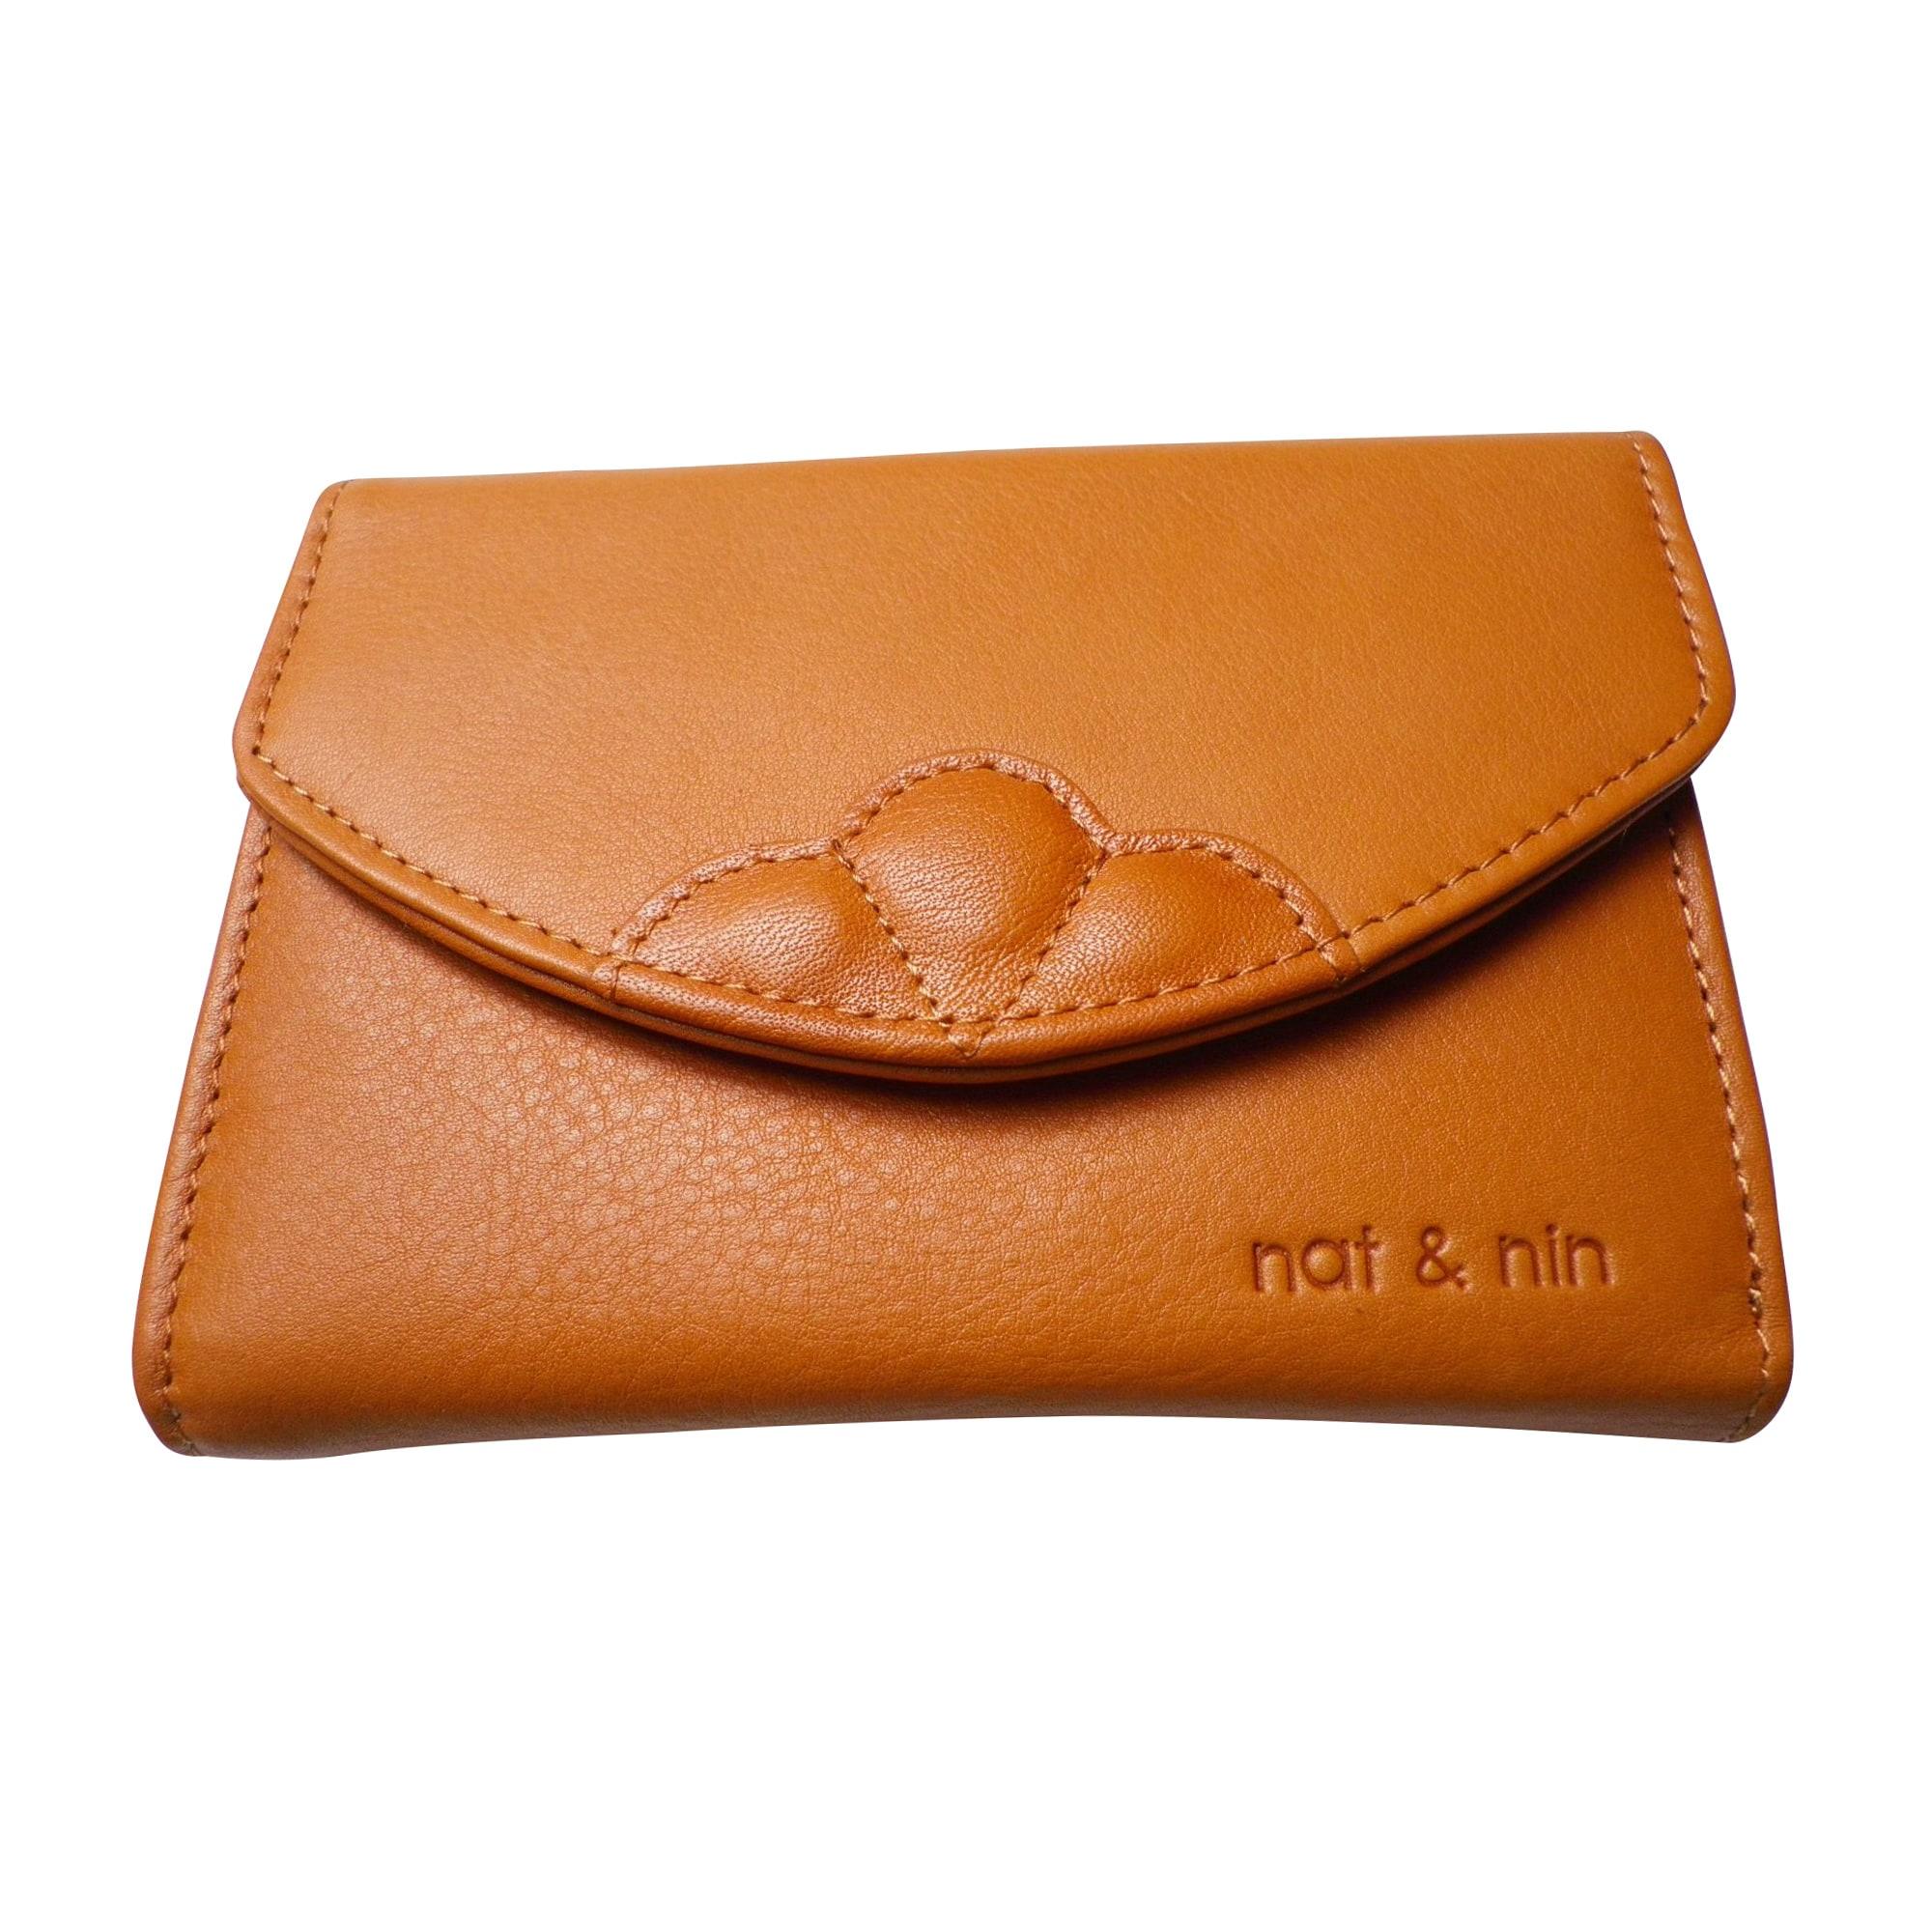 Portefeuille NAT & NIN Orange